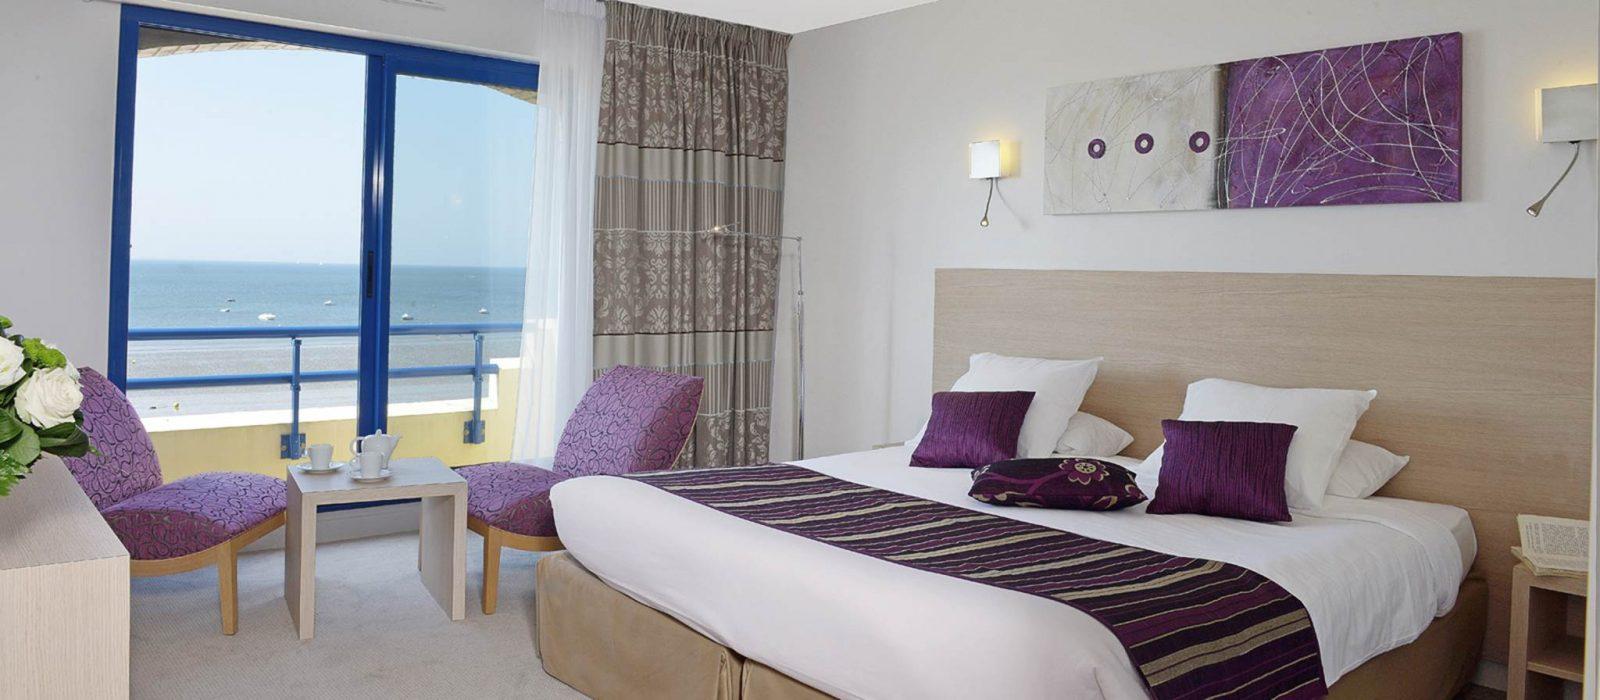 Hotel de la plage Damgan Morbihan